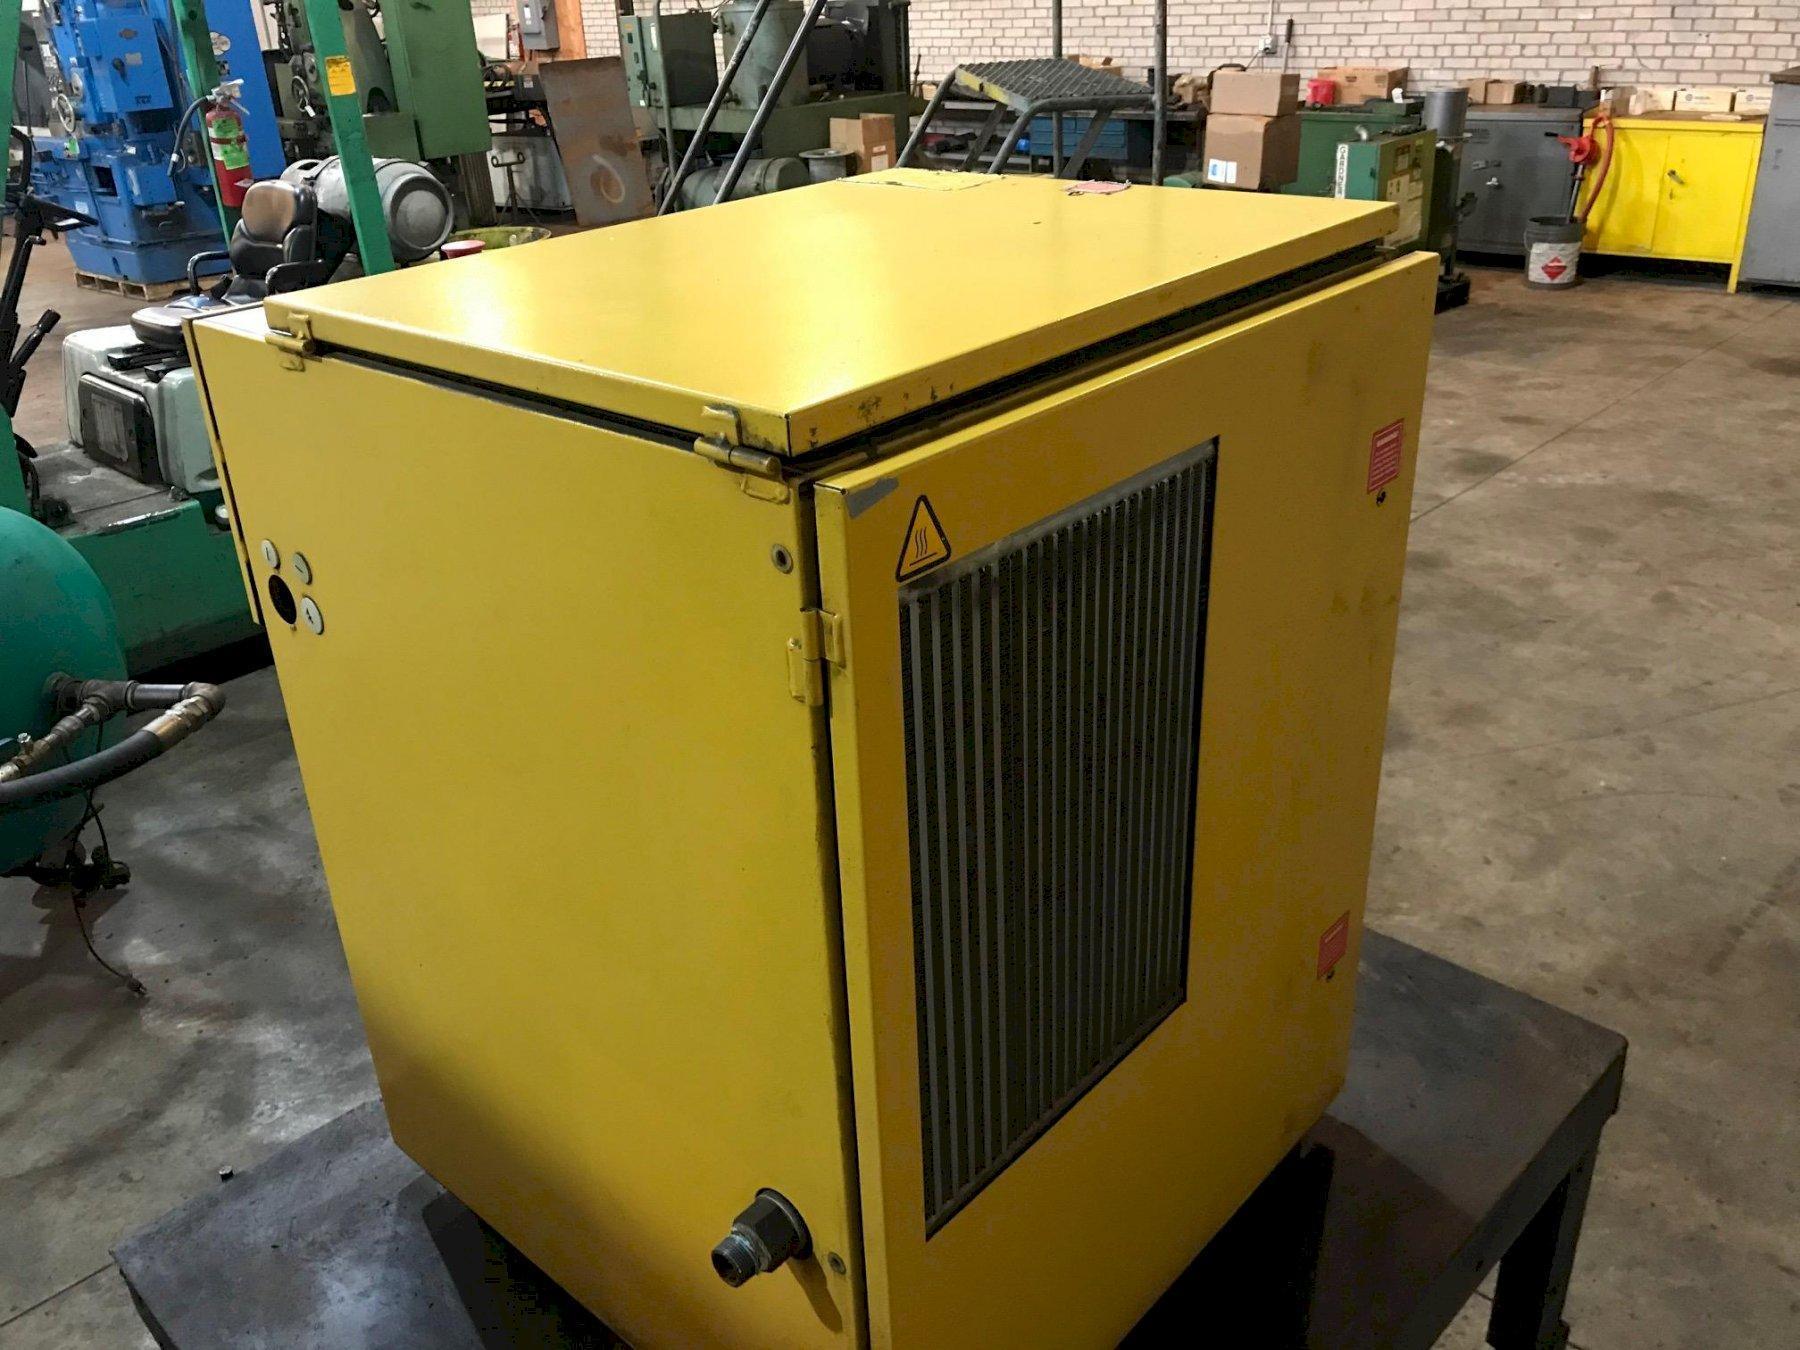 20 Hp Kaeser SK 26 Rotary Screw air compressor, 92 cfm air capacity @ 110 psi